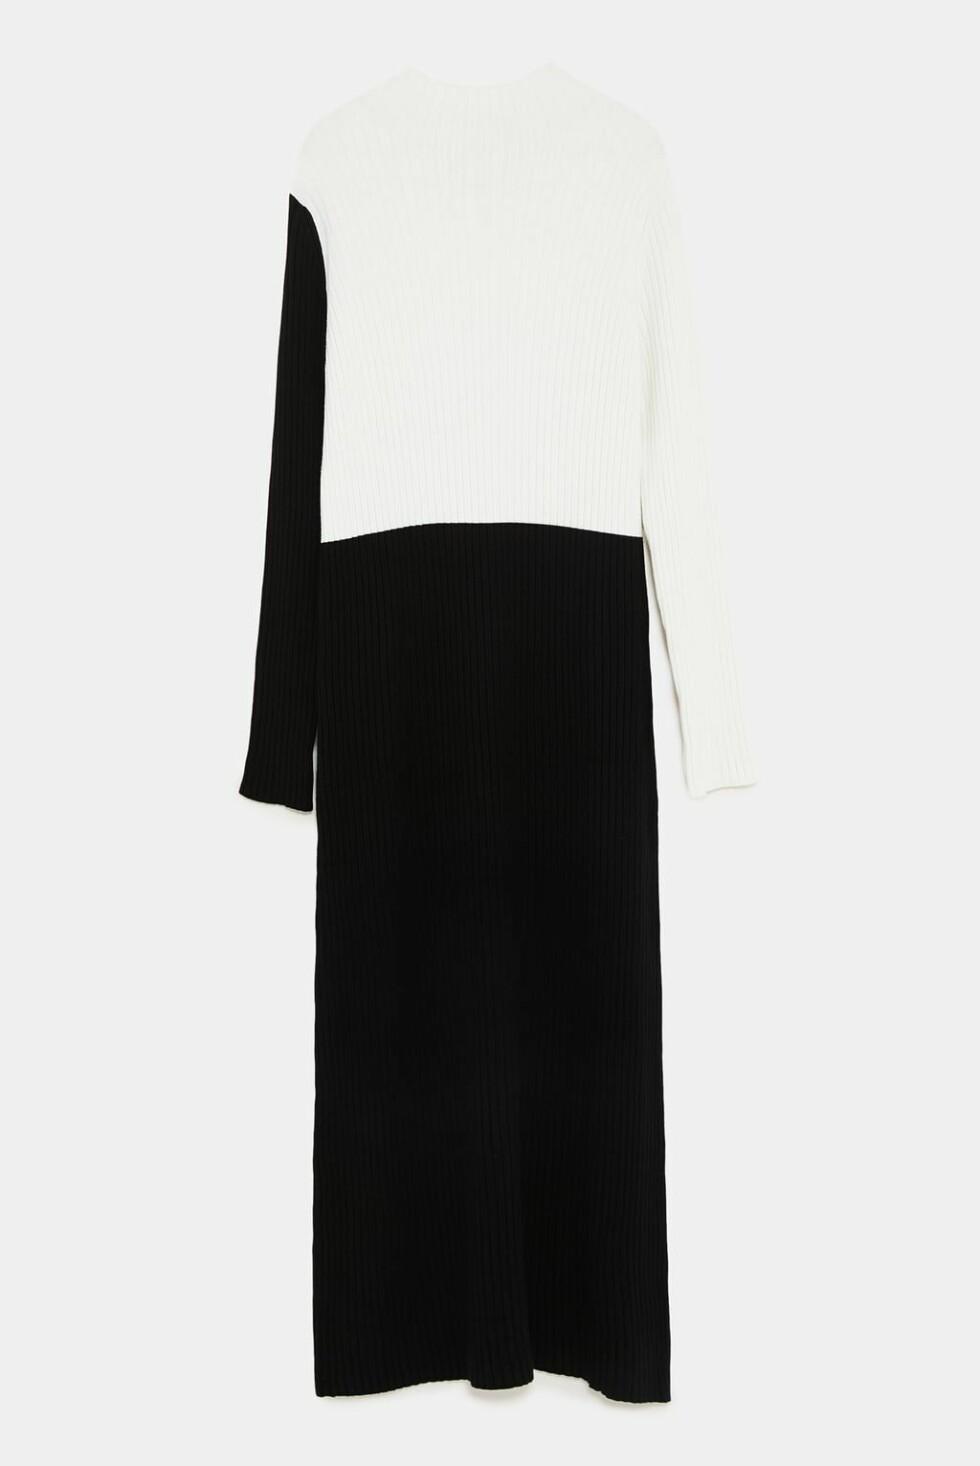 Kjole fra Zara |550,-| https://www.zara.com/no/no/strikkekjole-med-kontrastfarger-p04331114.html?v1=7269023&v2=1074660